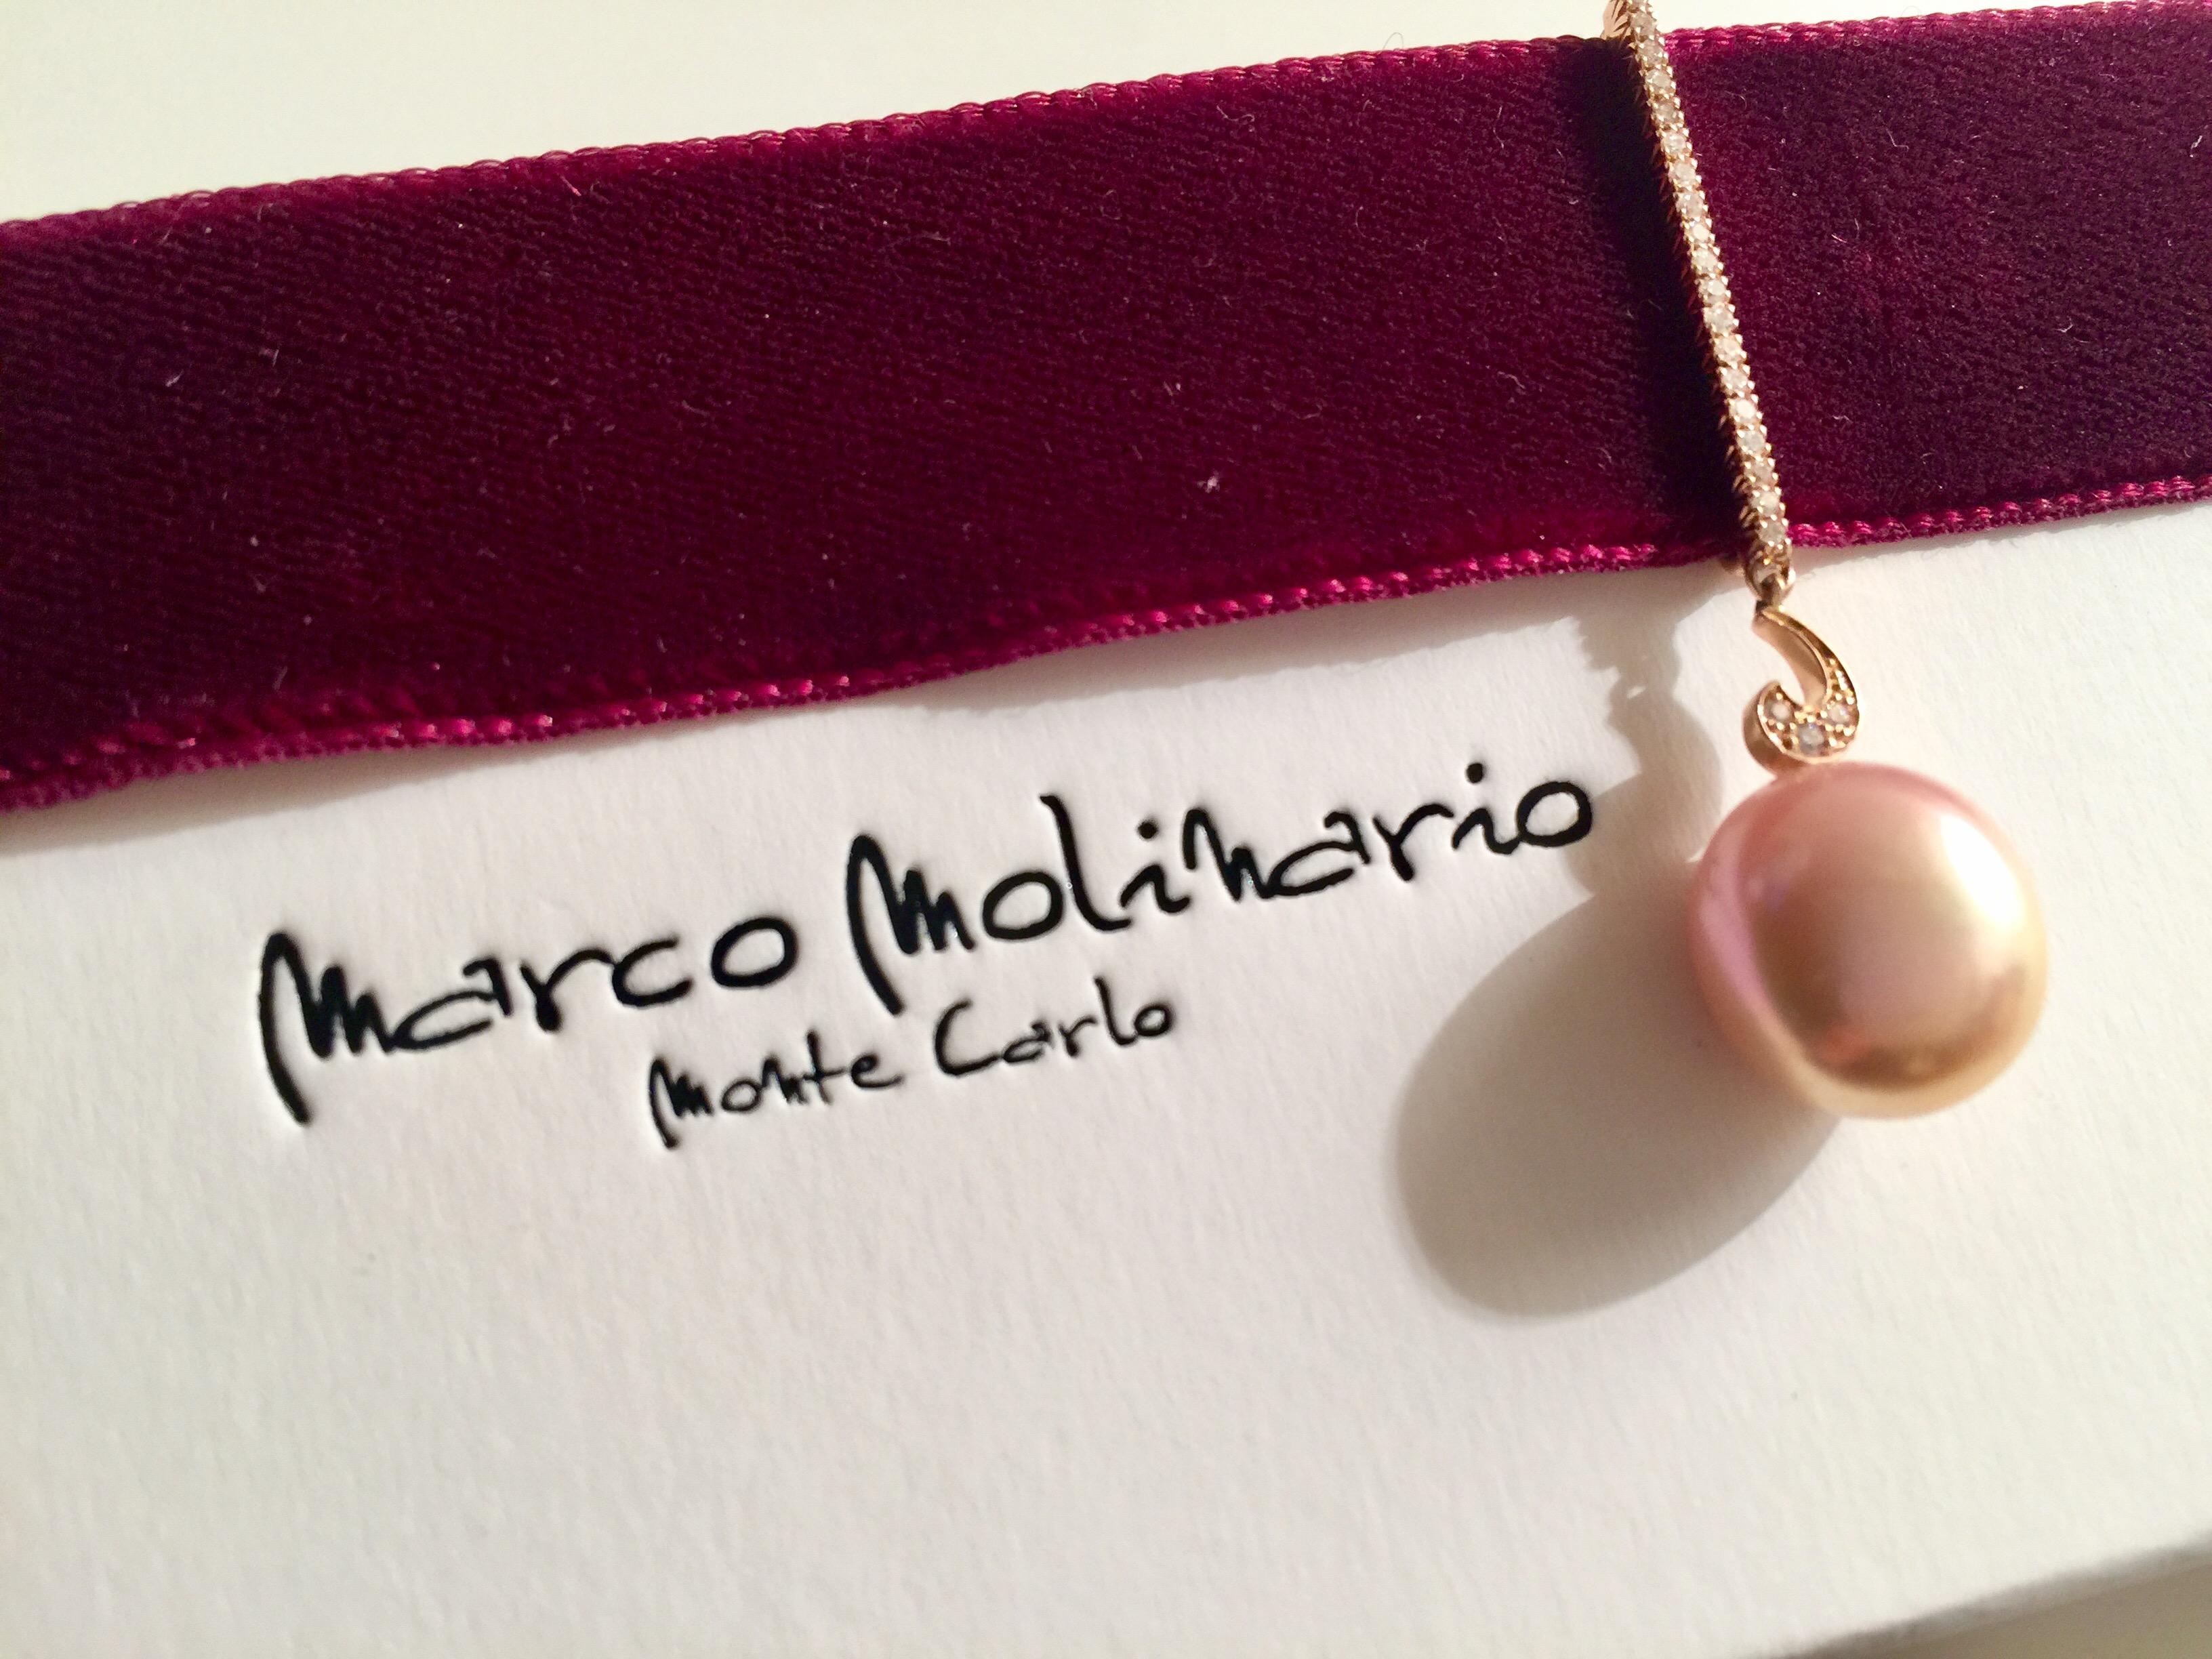 Чокер от Marco Molinario Monte Carlo